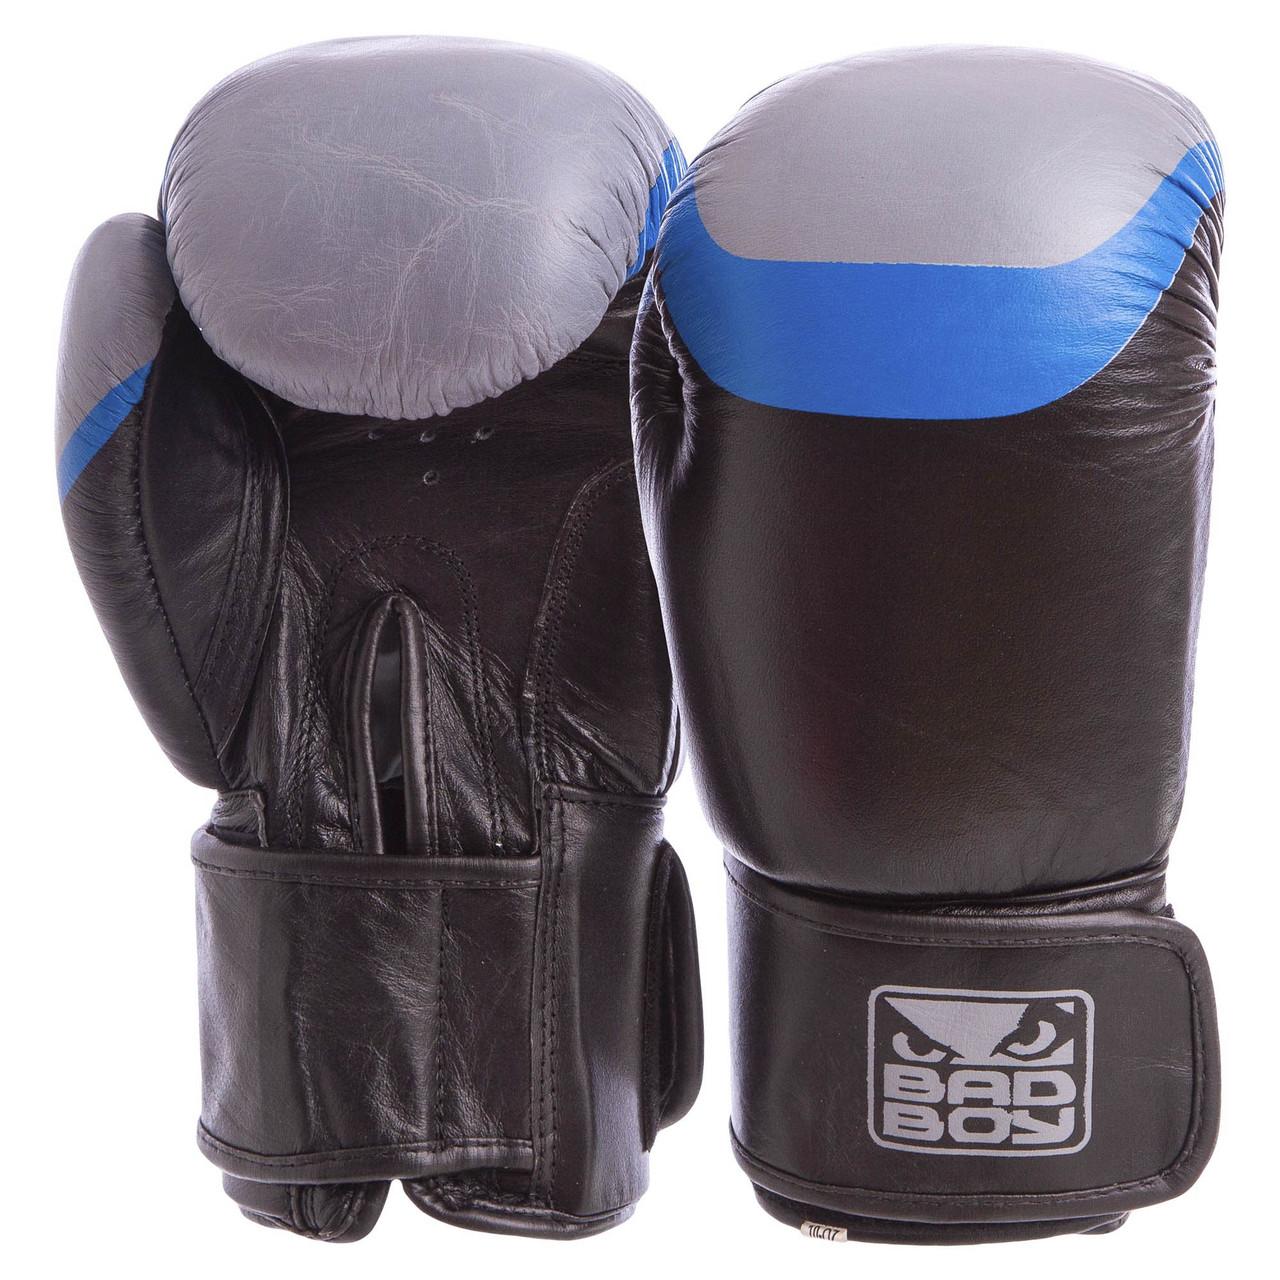 Рукавиці боксерські шкіряні на липучці BDB MA-5433 (р-н 10-12oz, кольори в асортименті